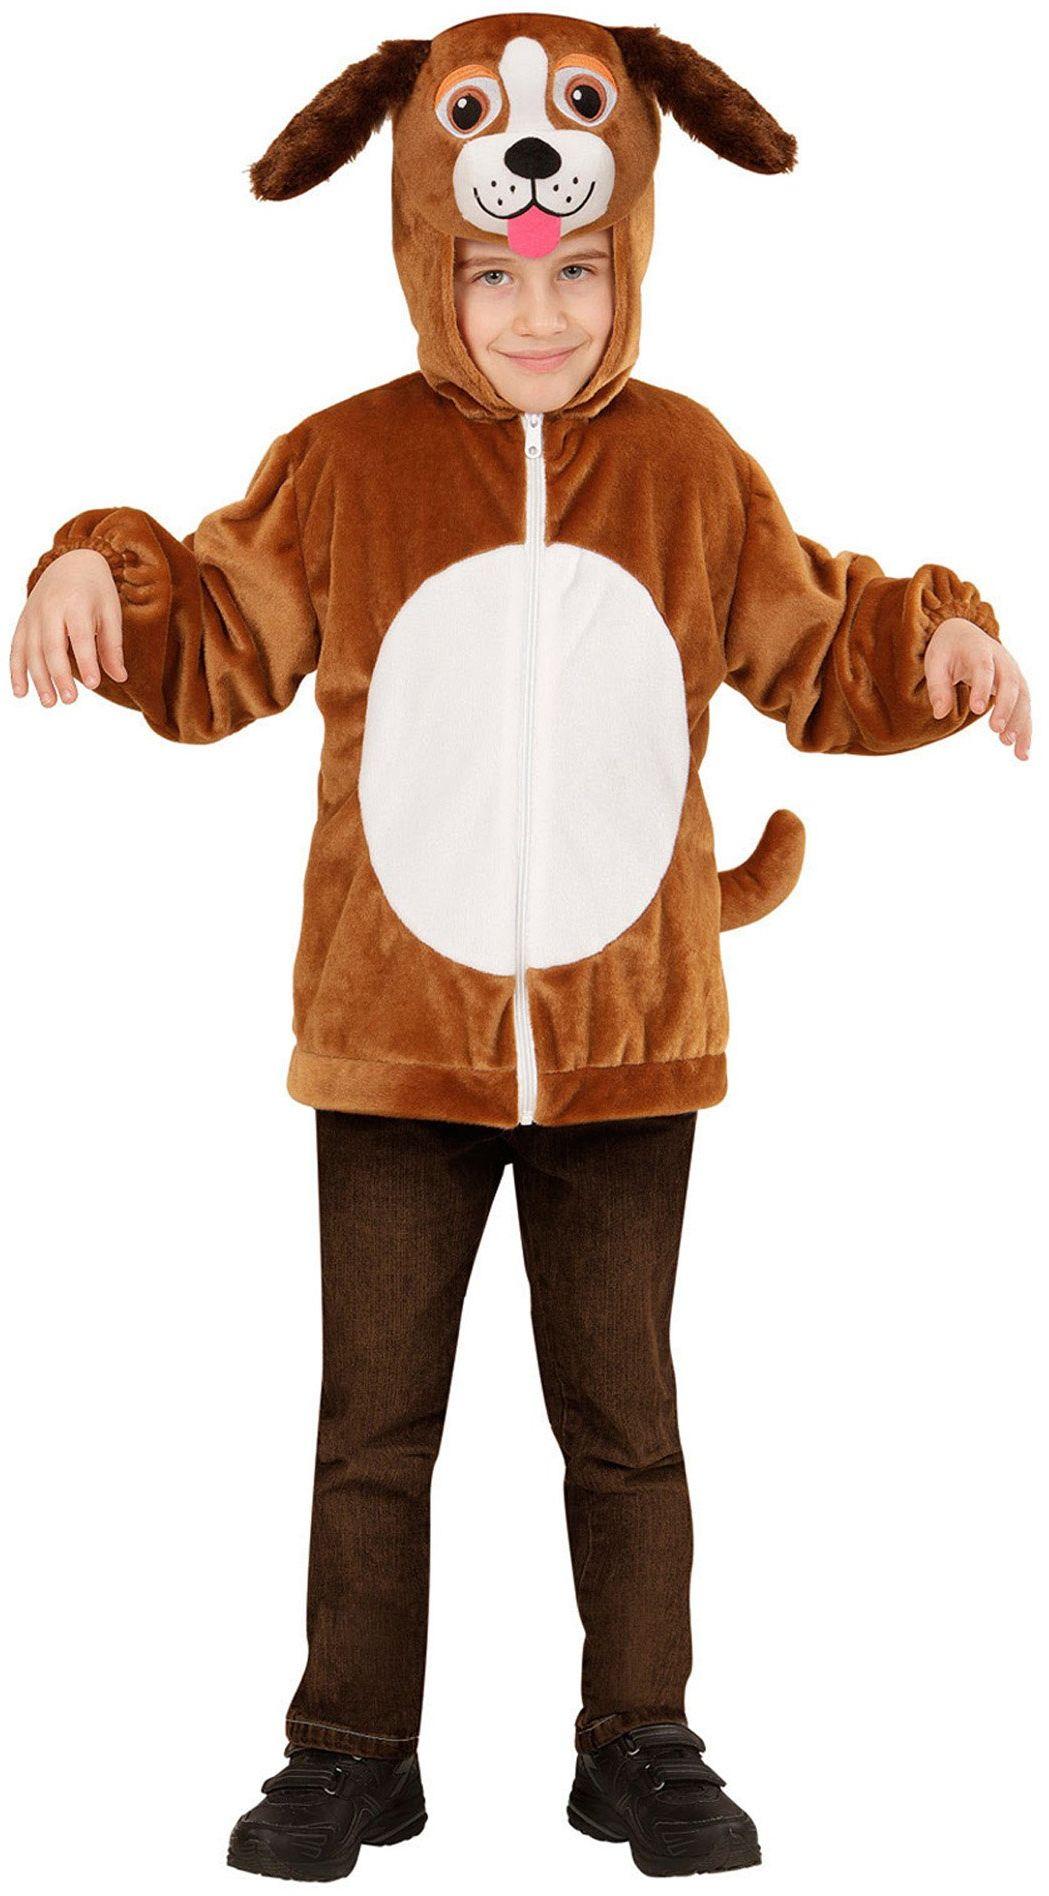 Widmann 97472 - kostium dziecięcy pies z pluszu, kurtka z kapturem i maską